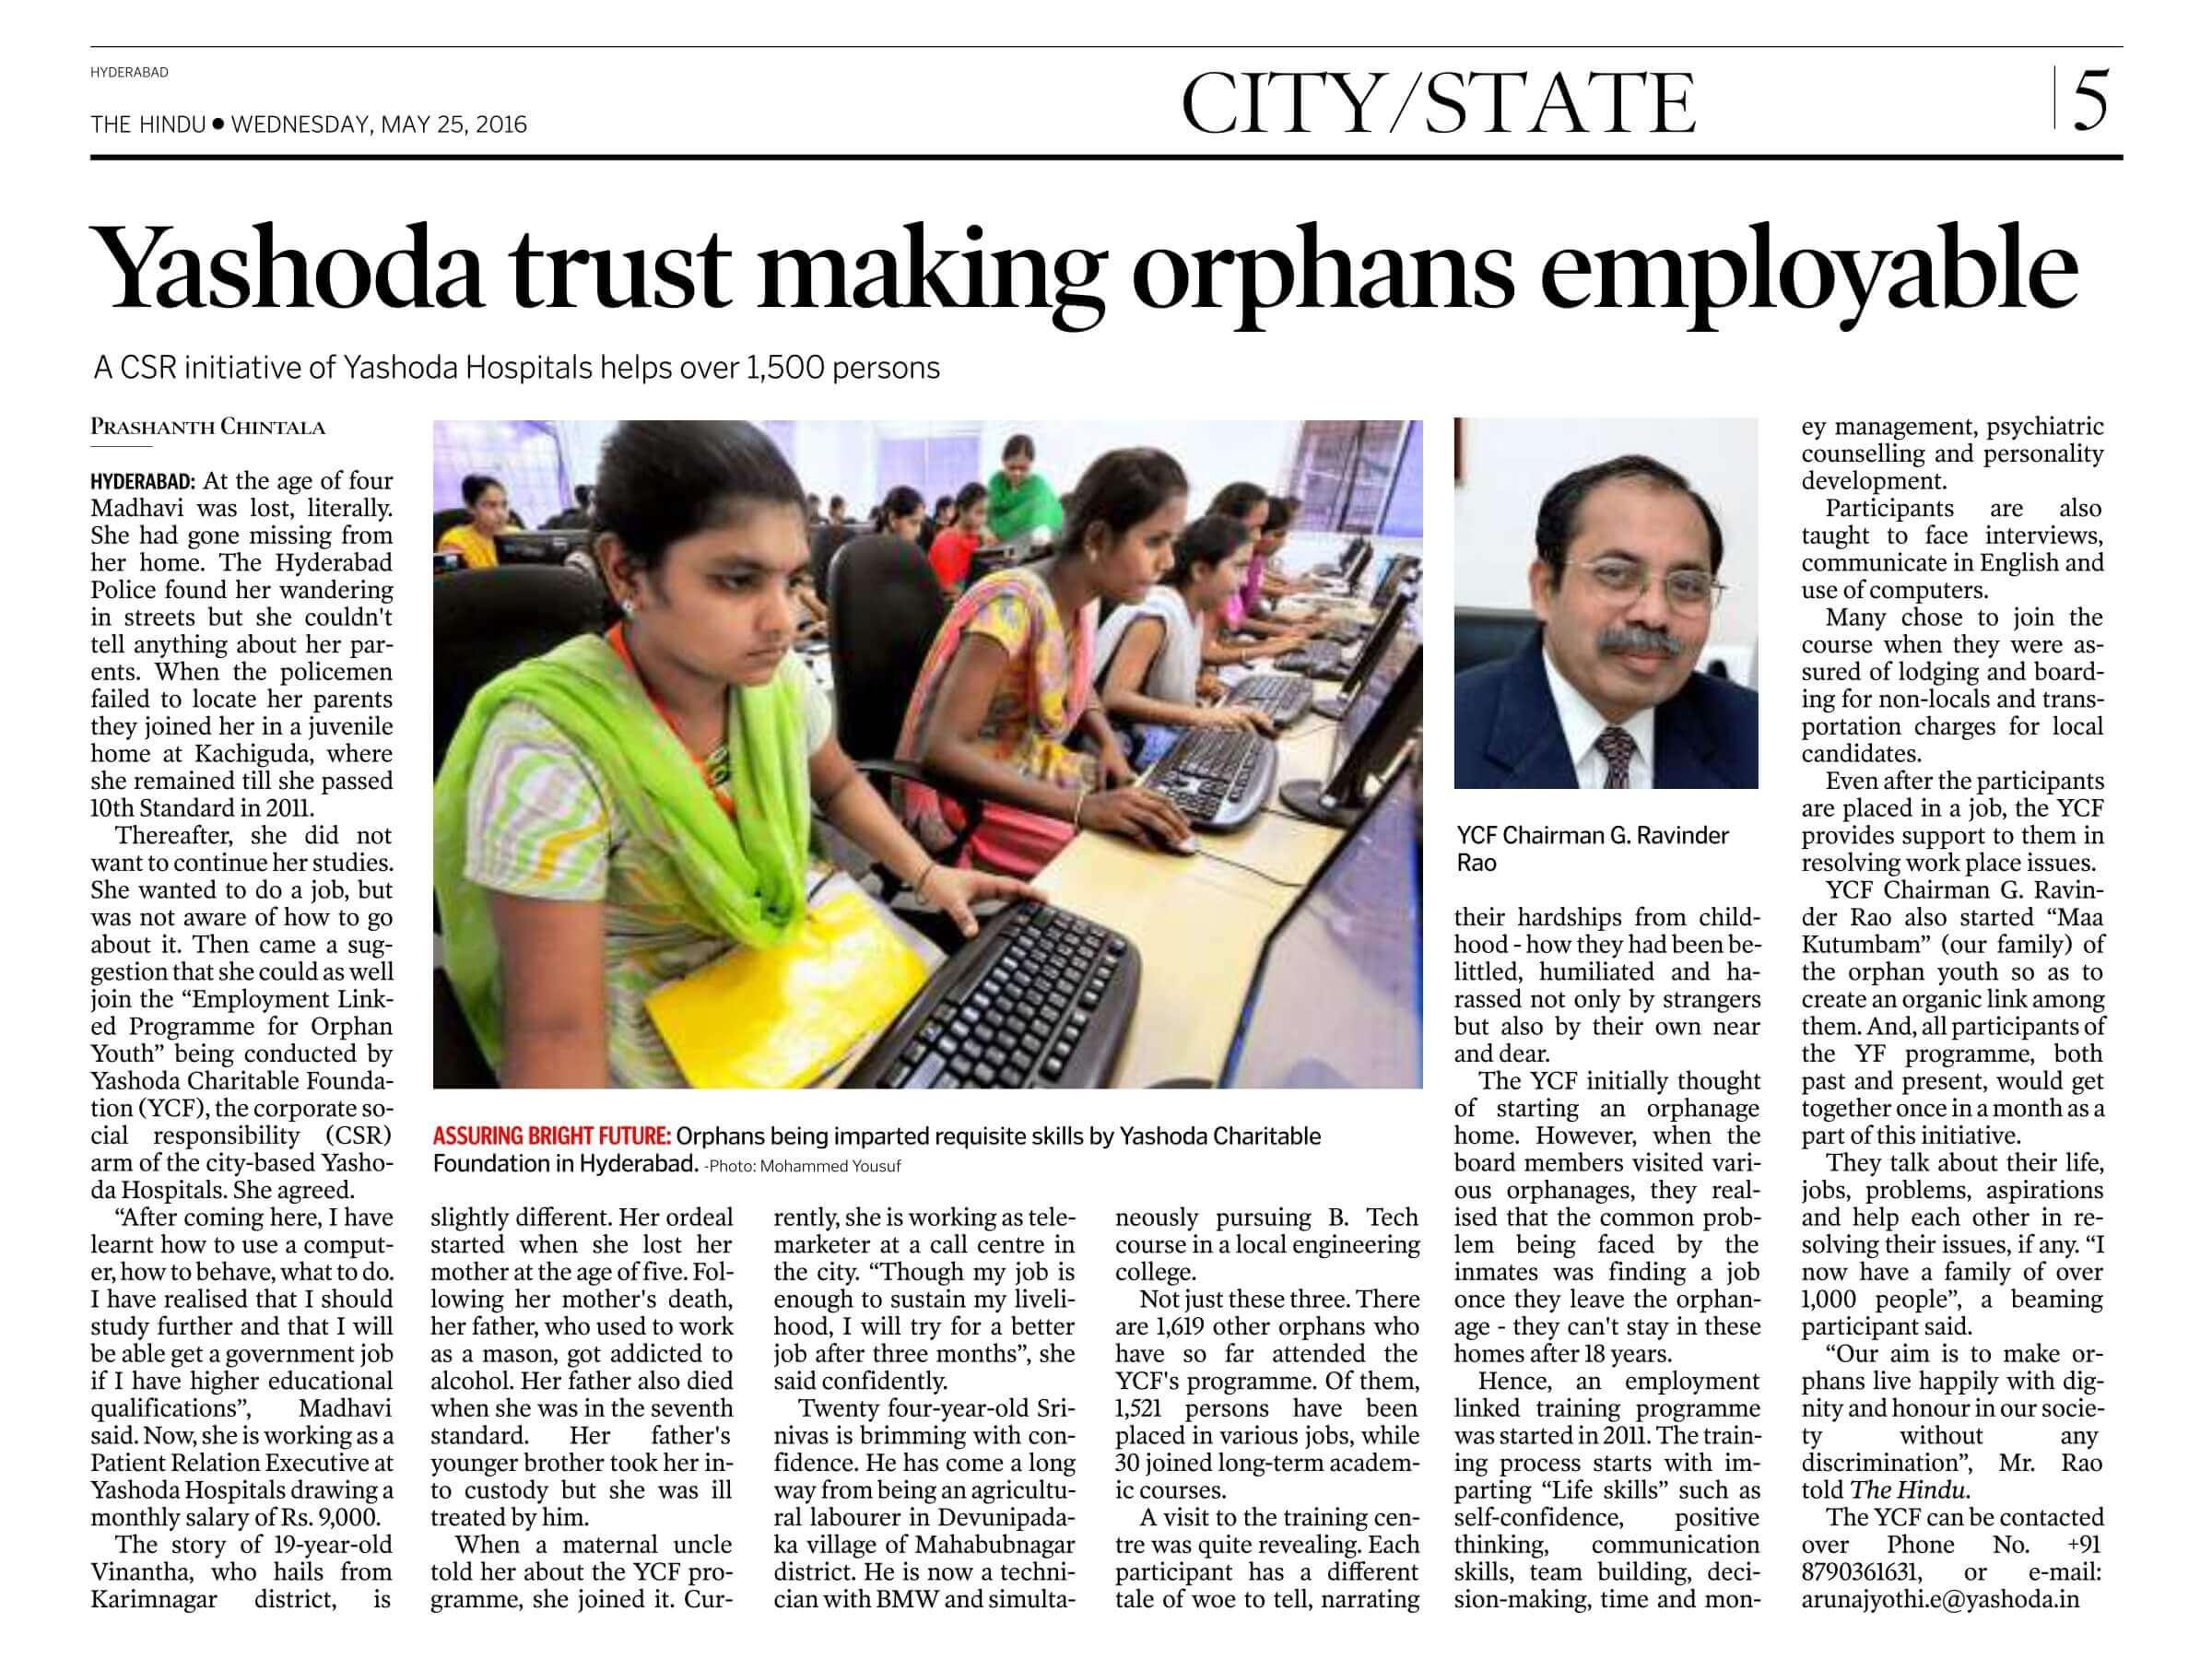 Yashoda trust making orphans employable